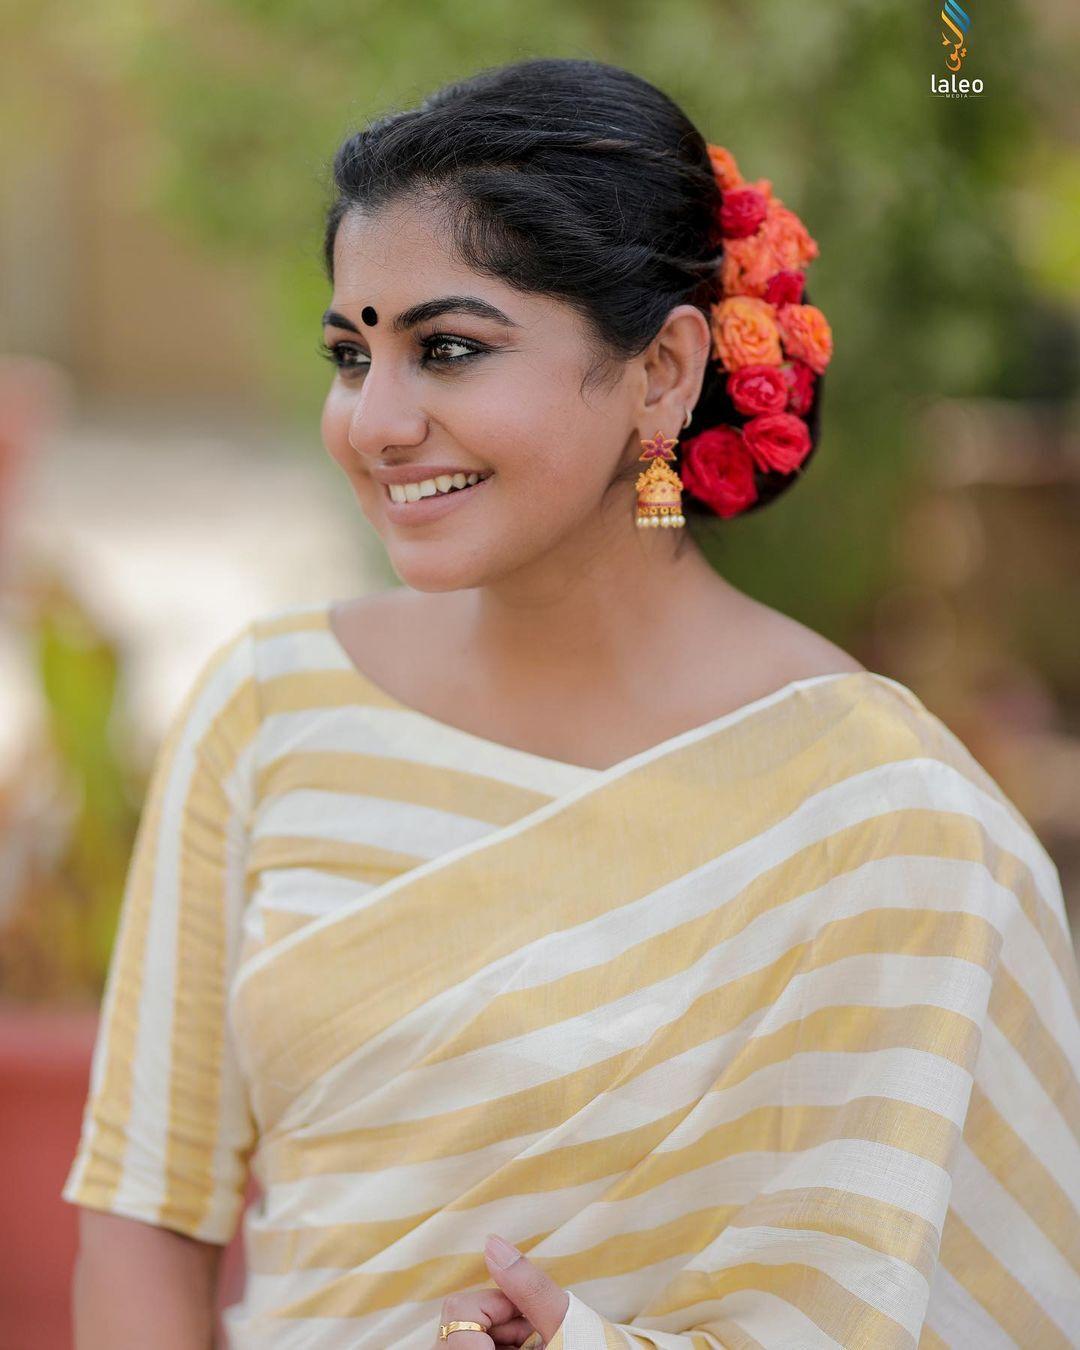 കിടിലന് ലുക്കില് ഓണ ചിത്രങ്ങളുമായി മീര നന്ദന്: ഏറ്റവും പുതിയ ചിത്രങ്ങള് വൈറല്